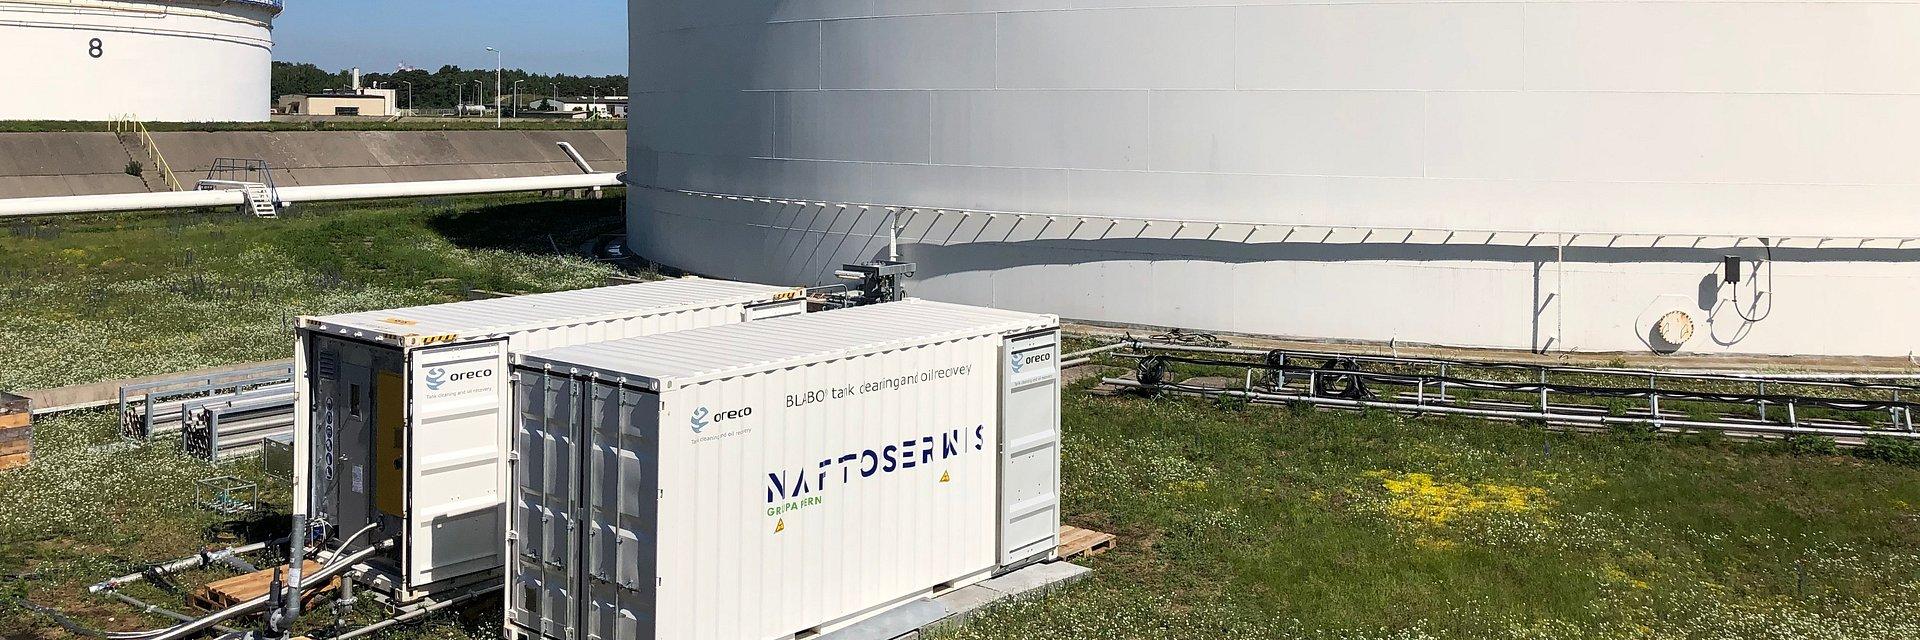 Naftoserwis skutecznie zrealizował pierwsze zlecenie czyszczenia zbiornika na ropę